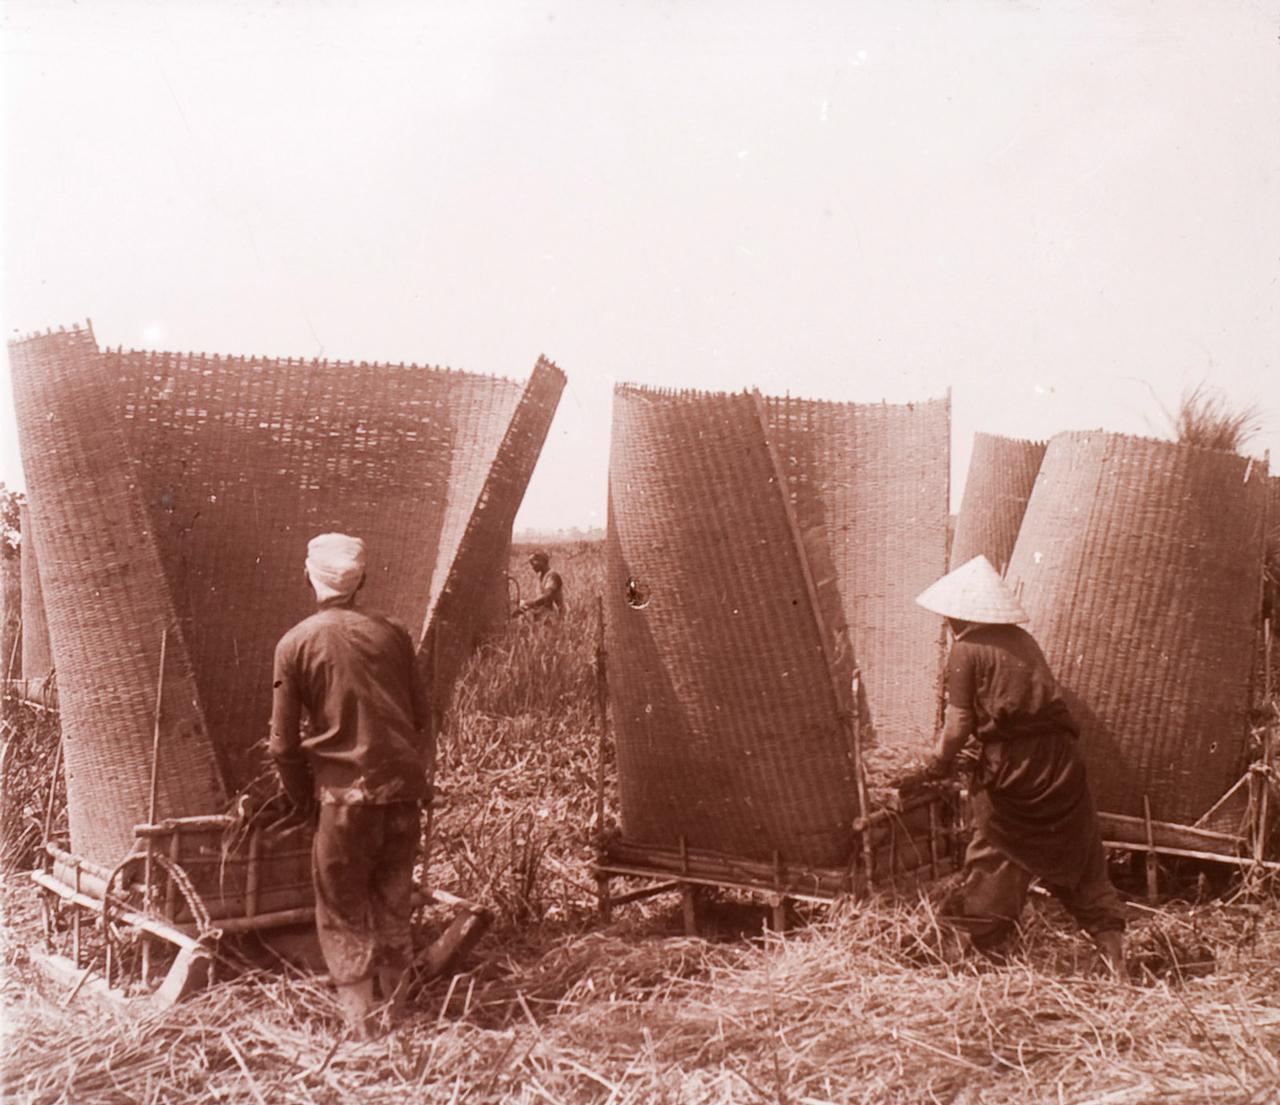 Đập lúa ở Châu Đốc thập niên 1920s